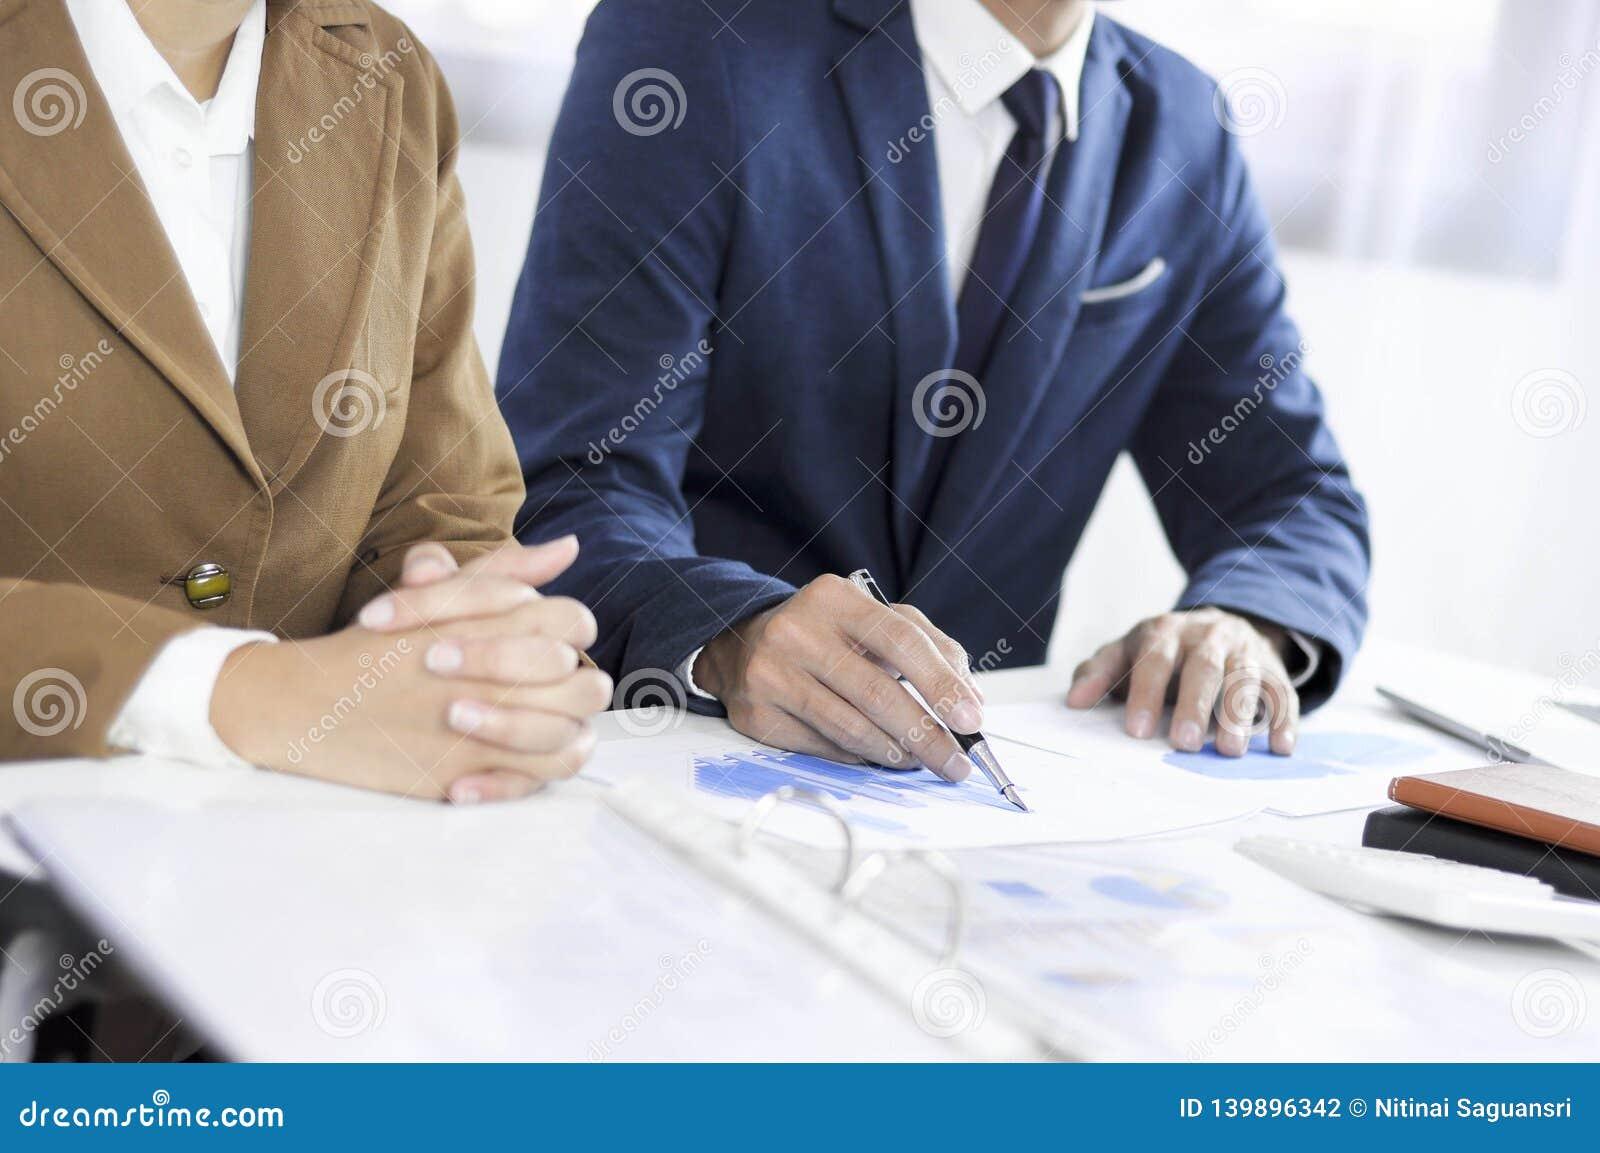 Planification de comptabilité, gestion de portefeuille, rencontrant des conseillers, examen de gestion, présentation des idées